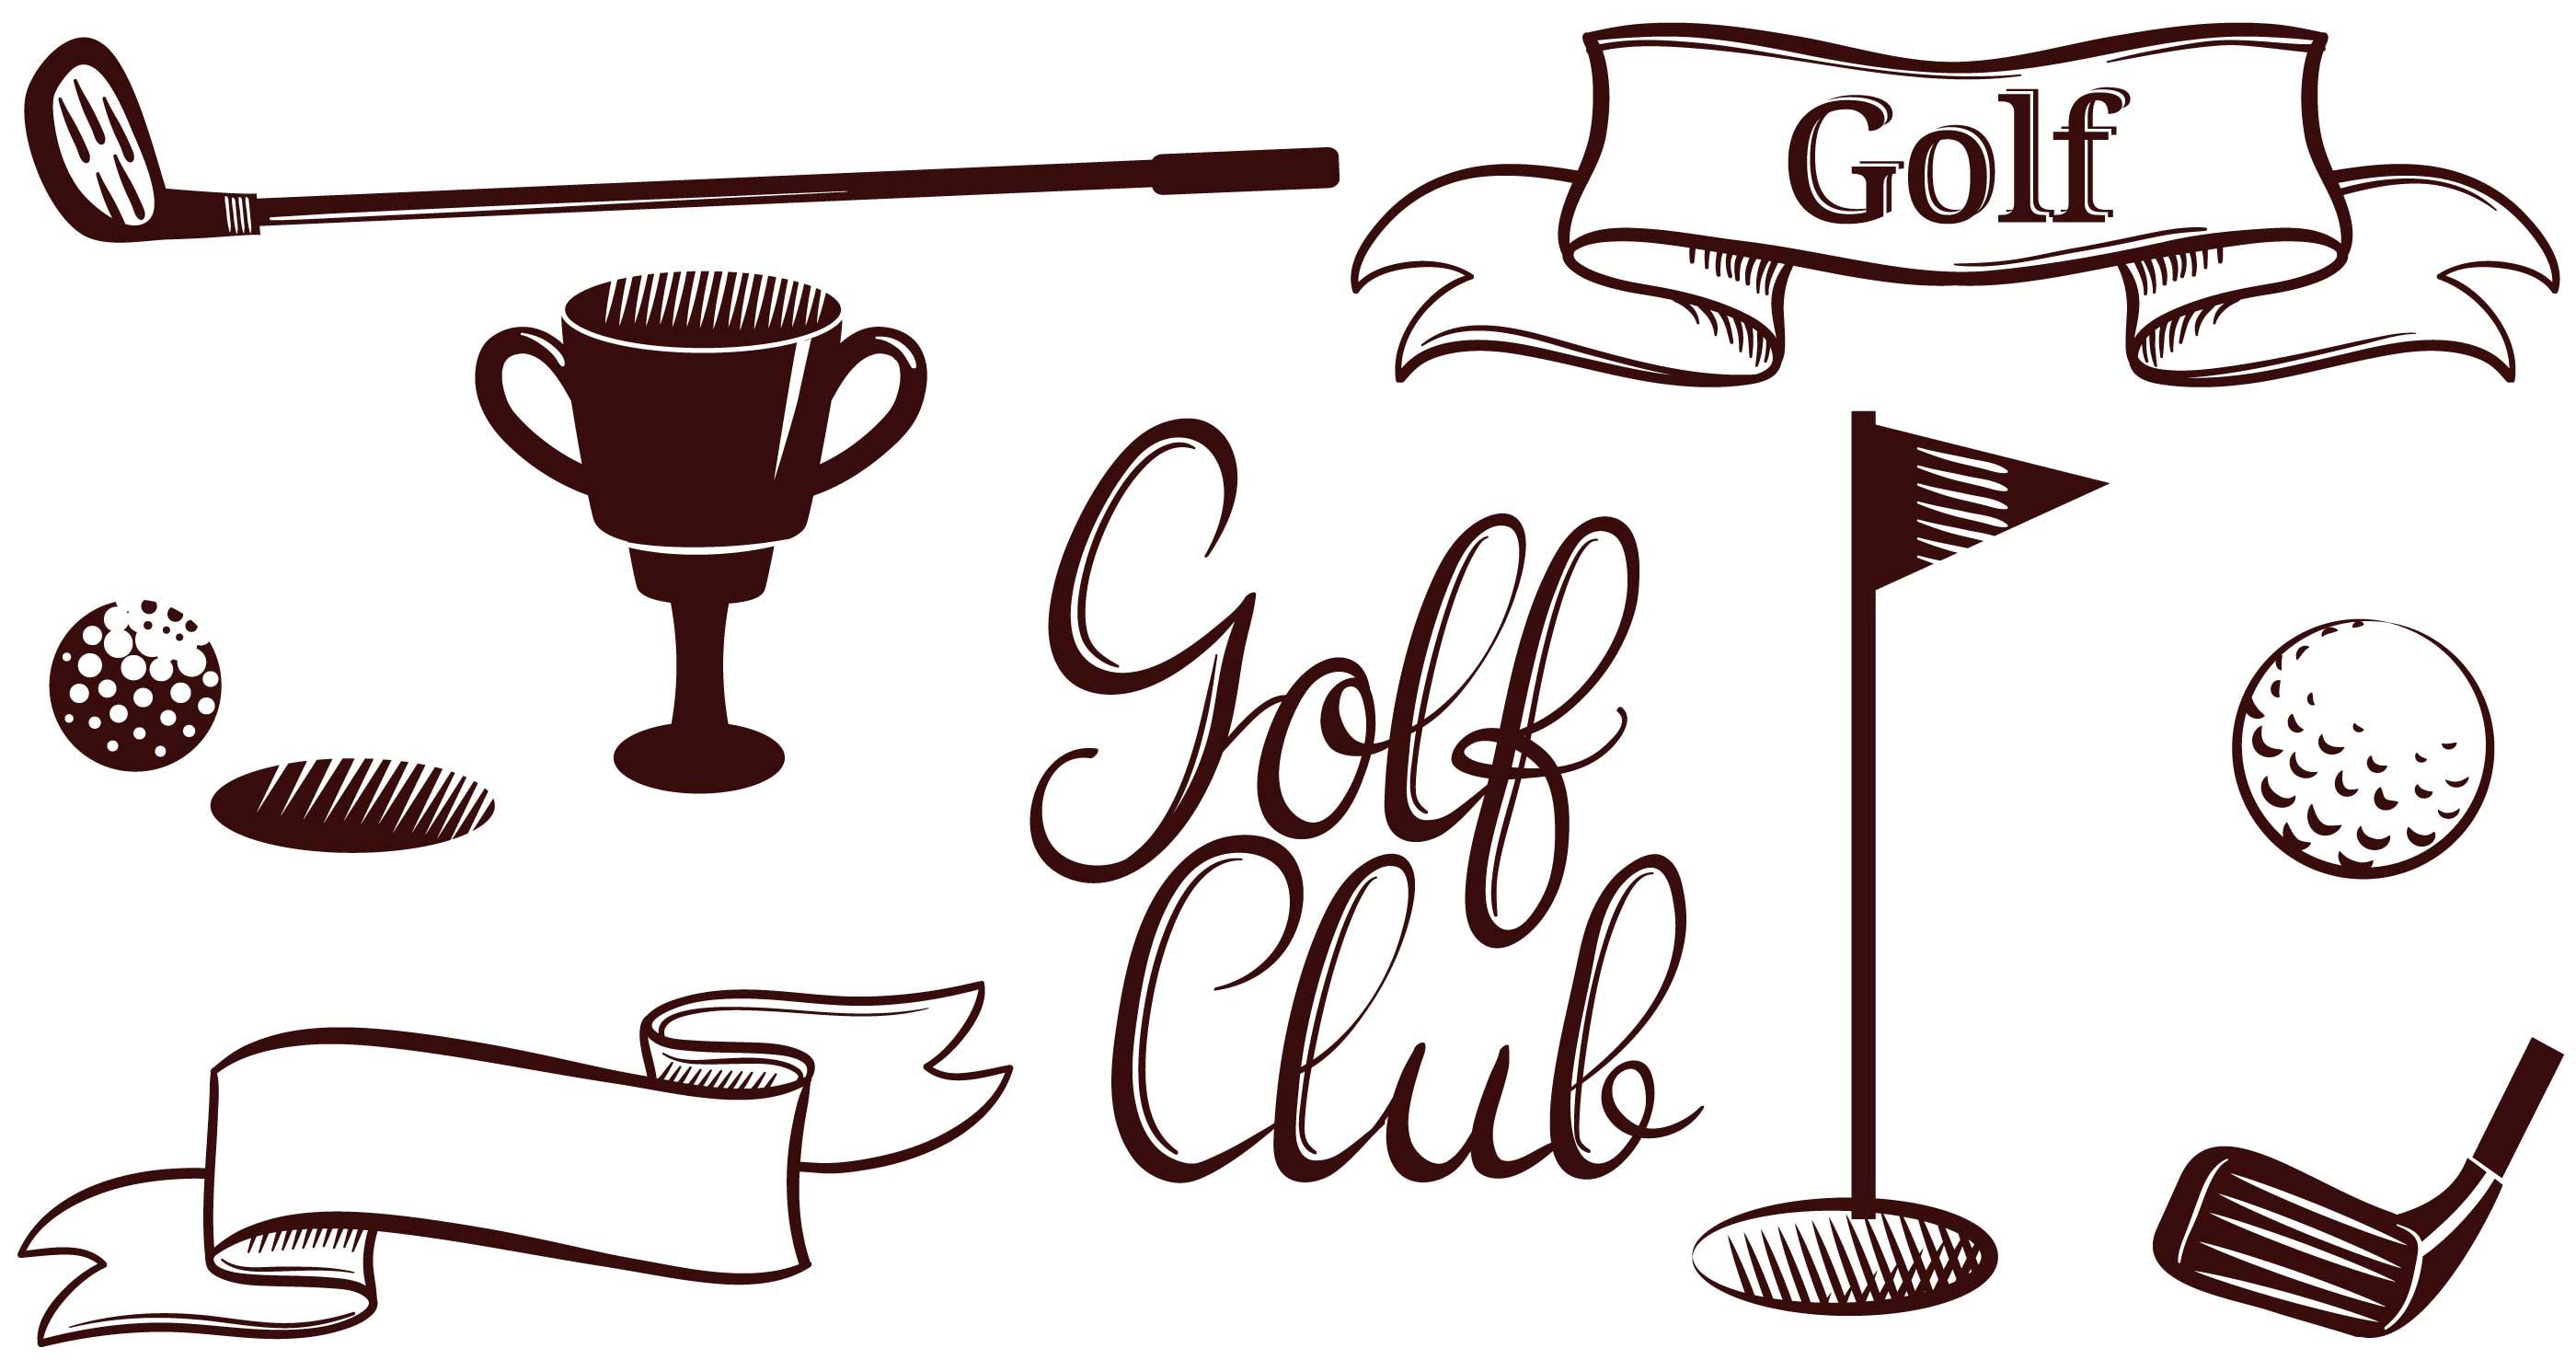 Vintage Golf Vectors - Download Free Vectors, Clipart ...